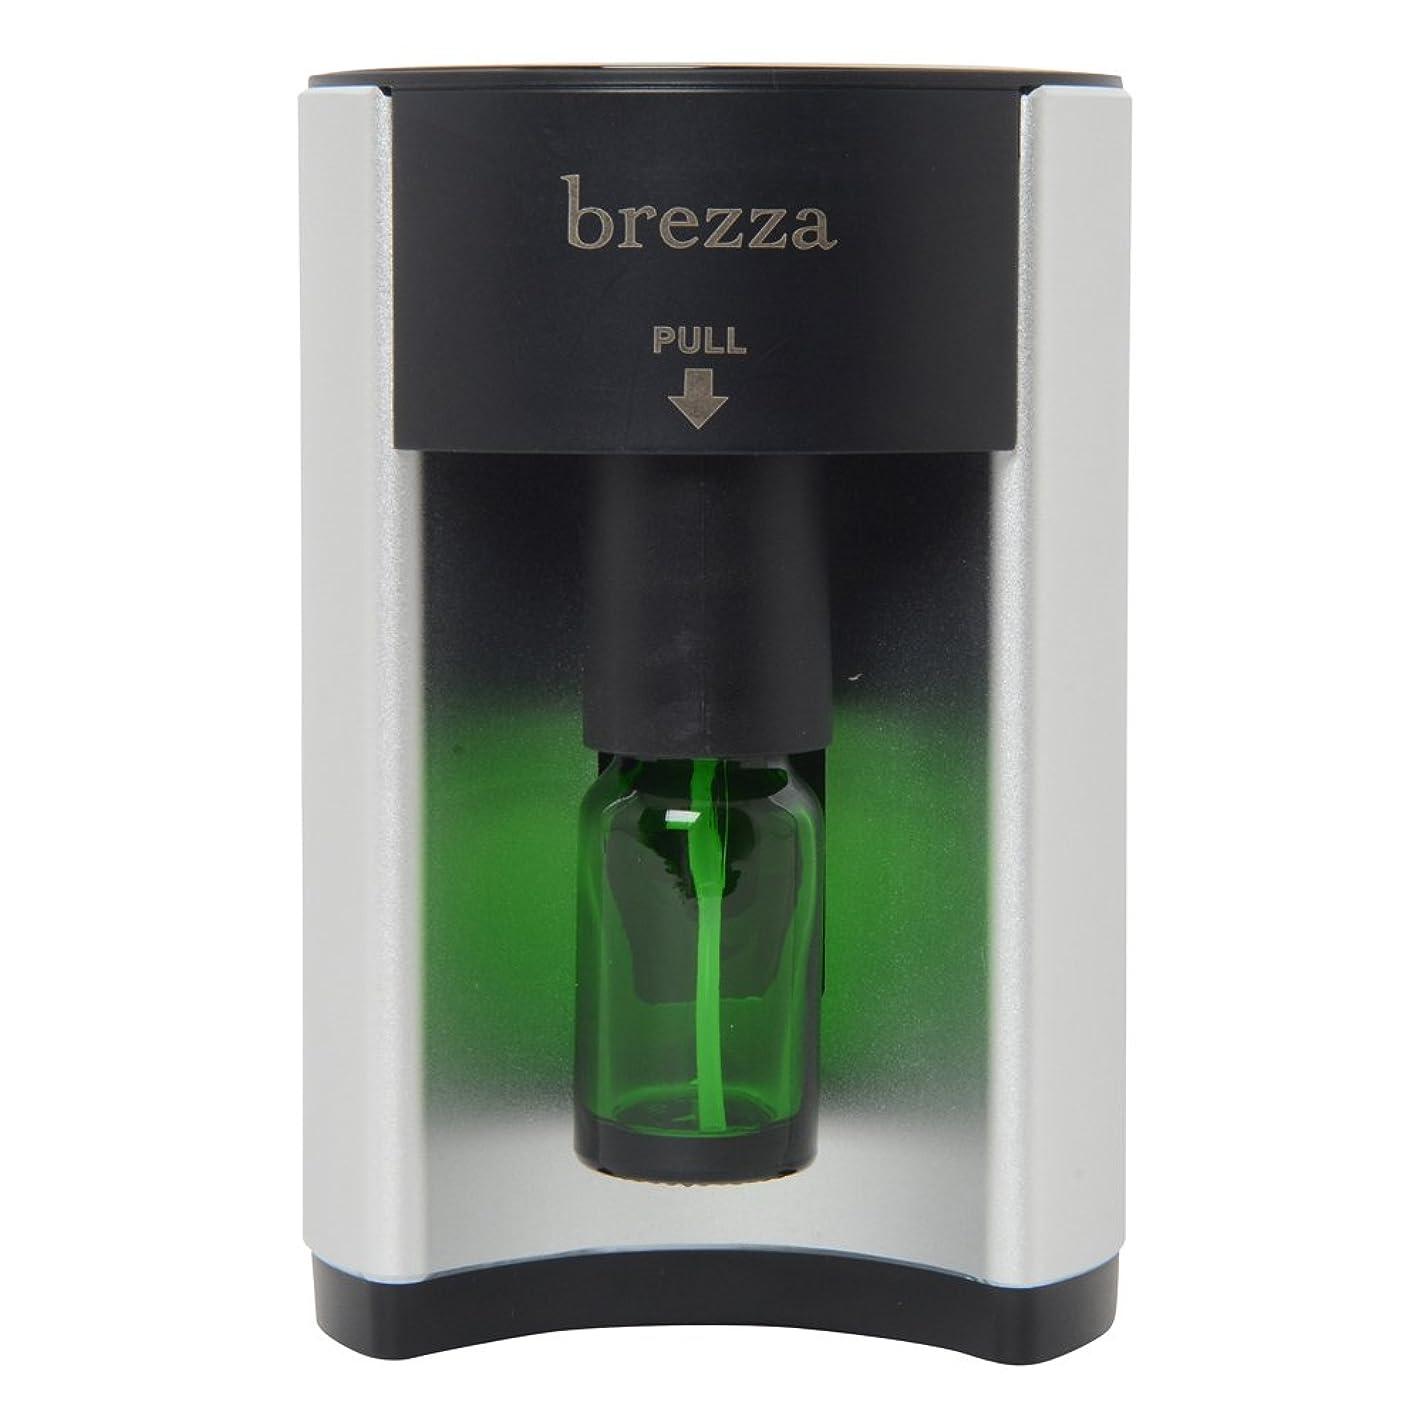 干渉するパネルスリーブフレーバーライフ brezza(ブレッザ) アロマディフューザー